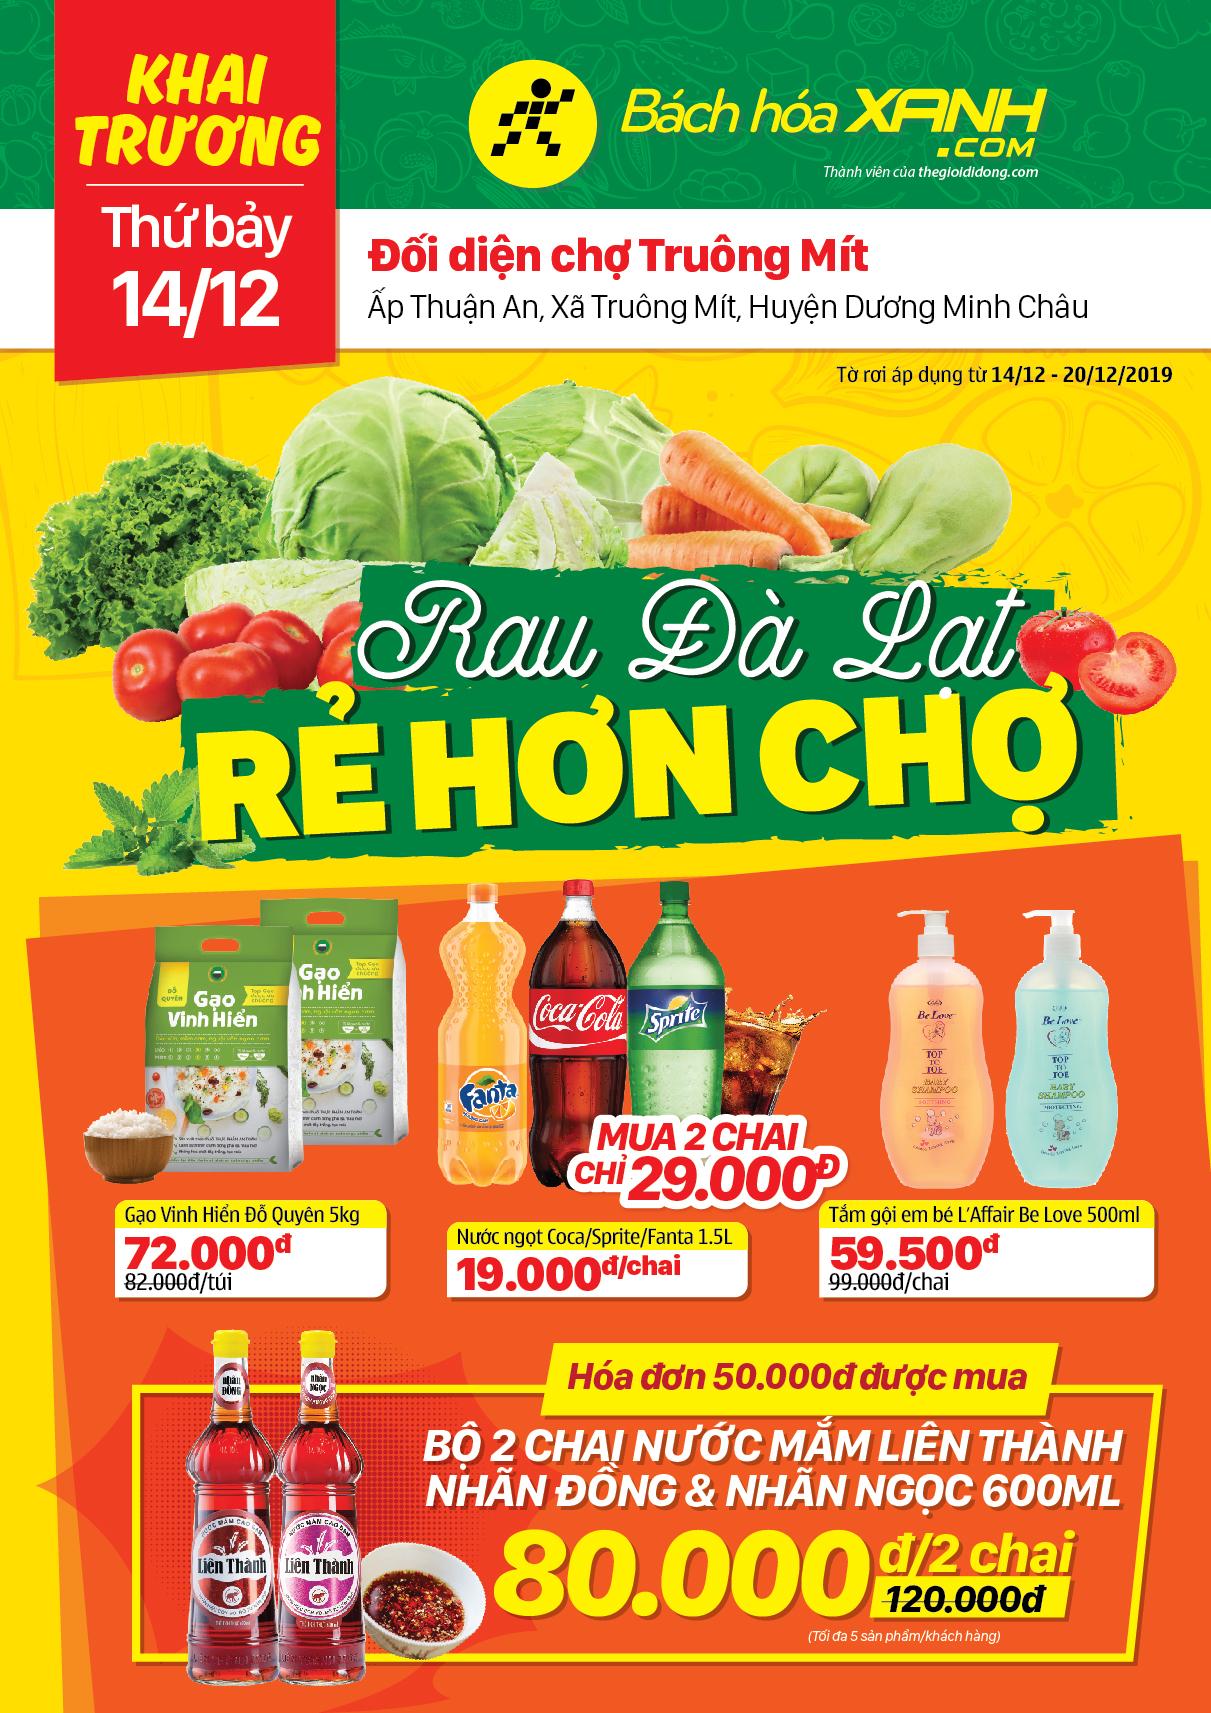 Cửa hàng Bách hoá XANH Ấp Thuận An, Truông Mít khai trương 14/12/2019